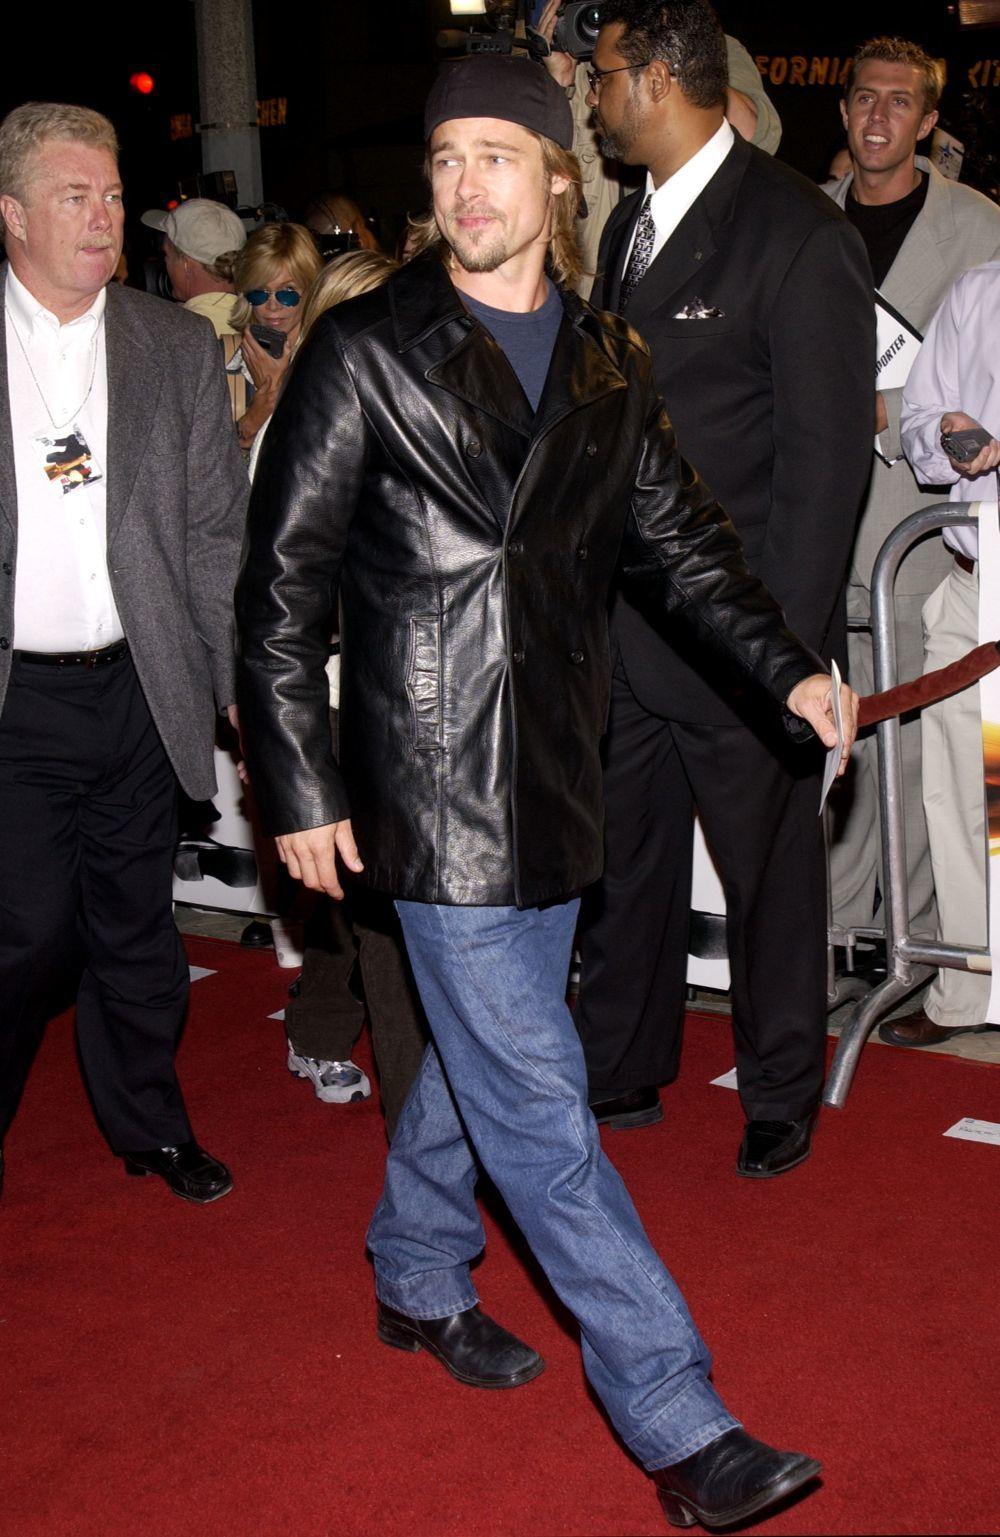 Brad Pitt con chaqueta de cuero en los años 90.